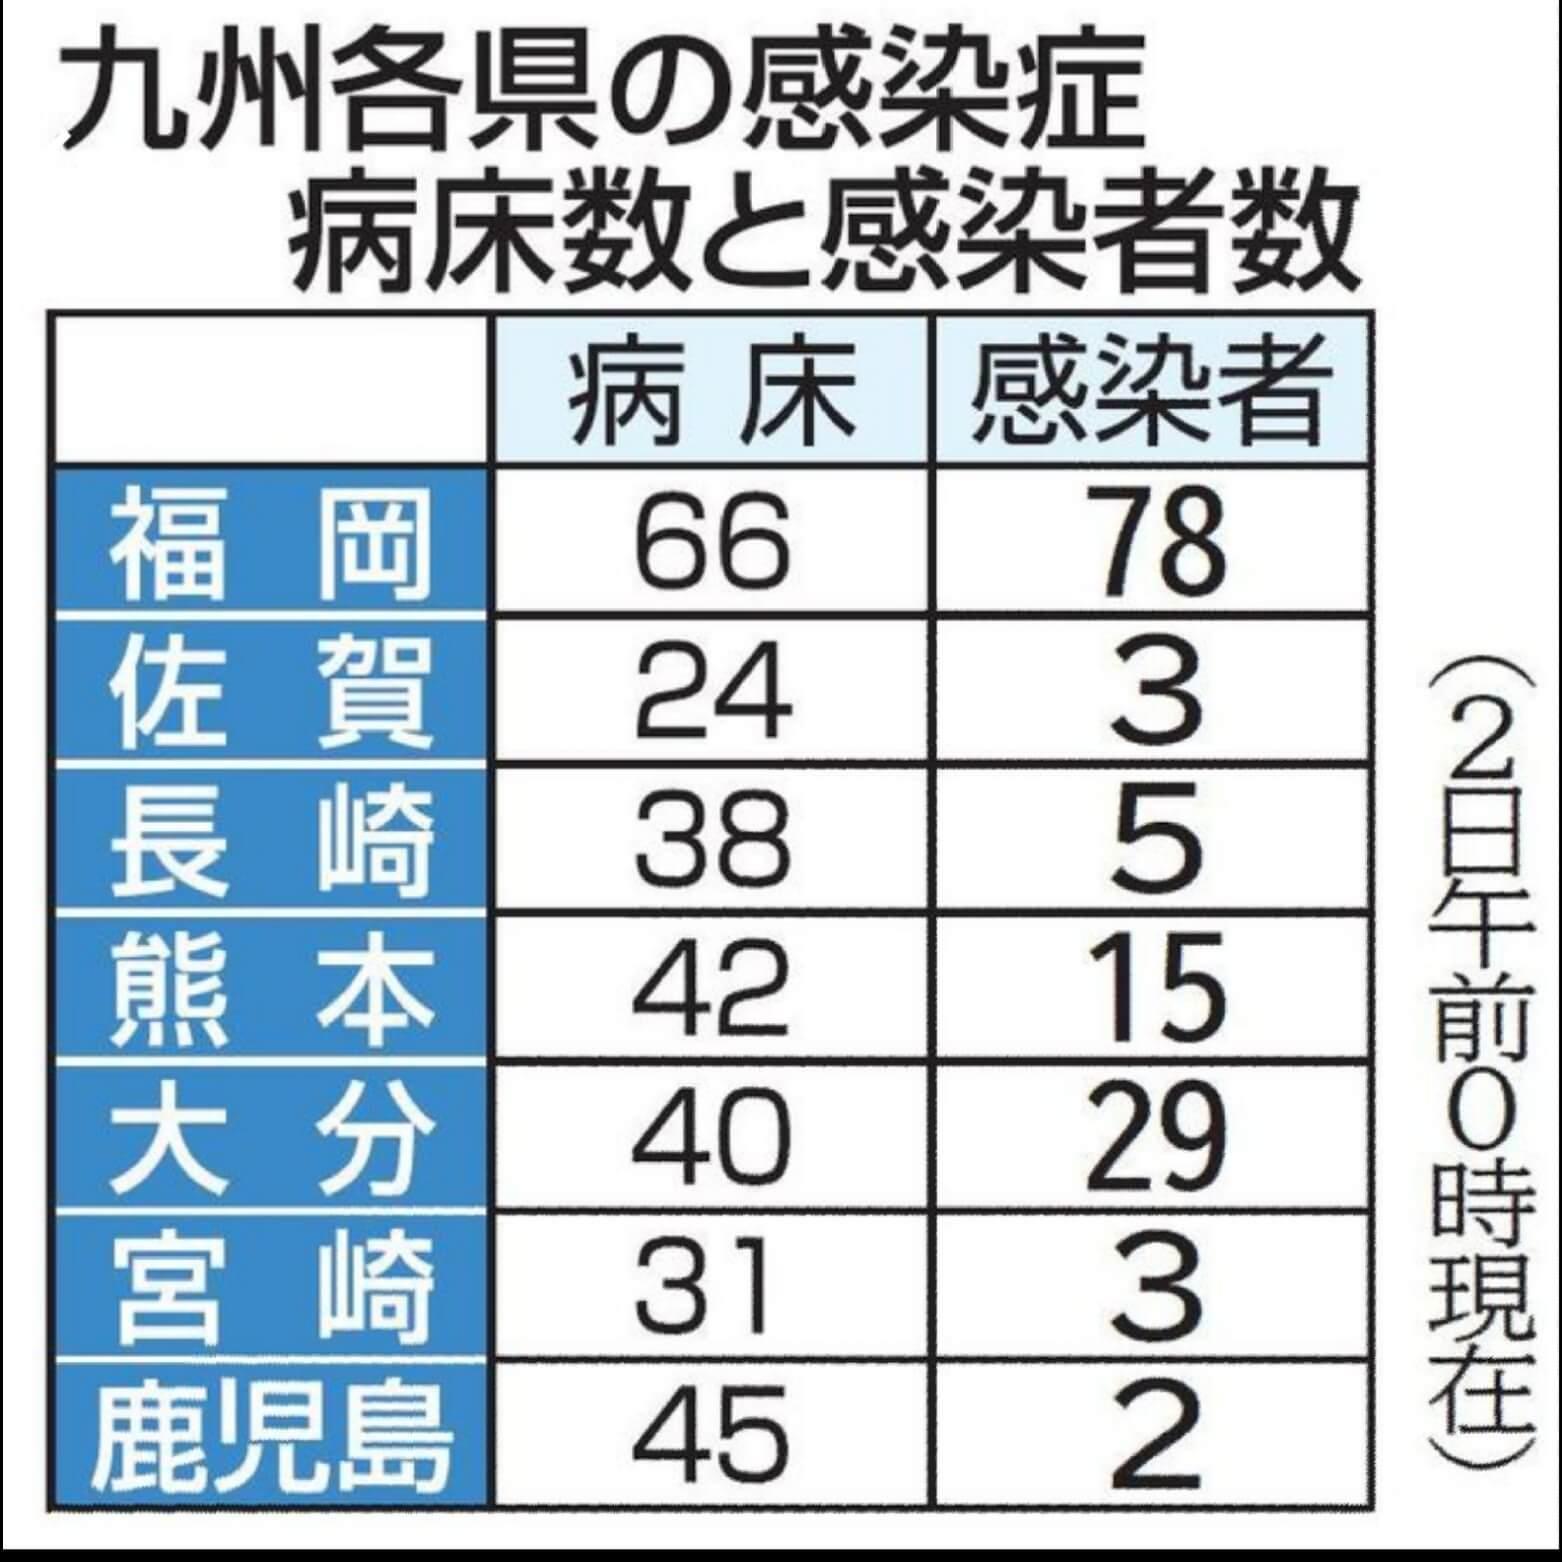 佐賀 県 コロナ 感染 者 数